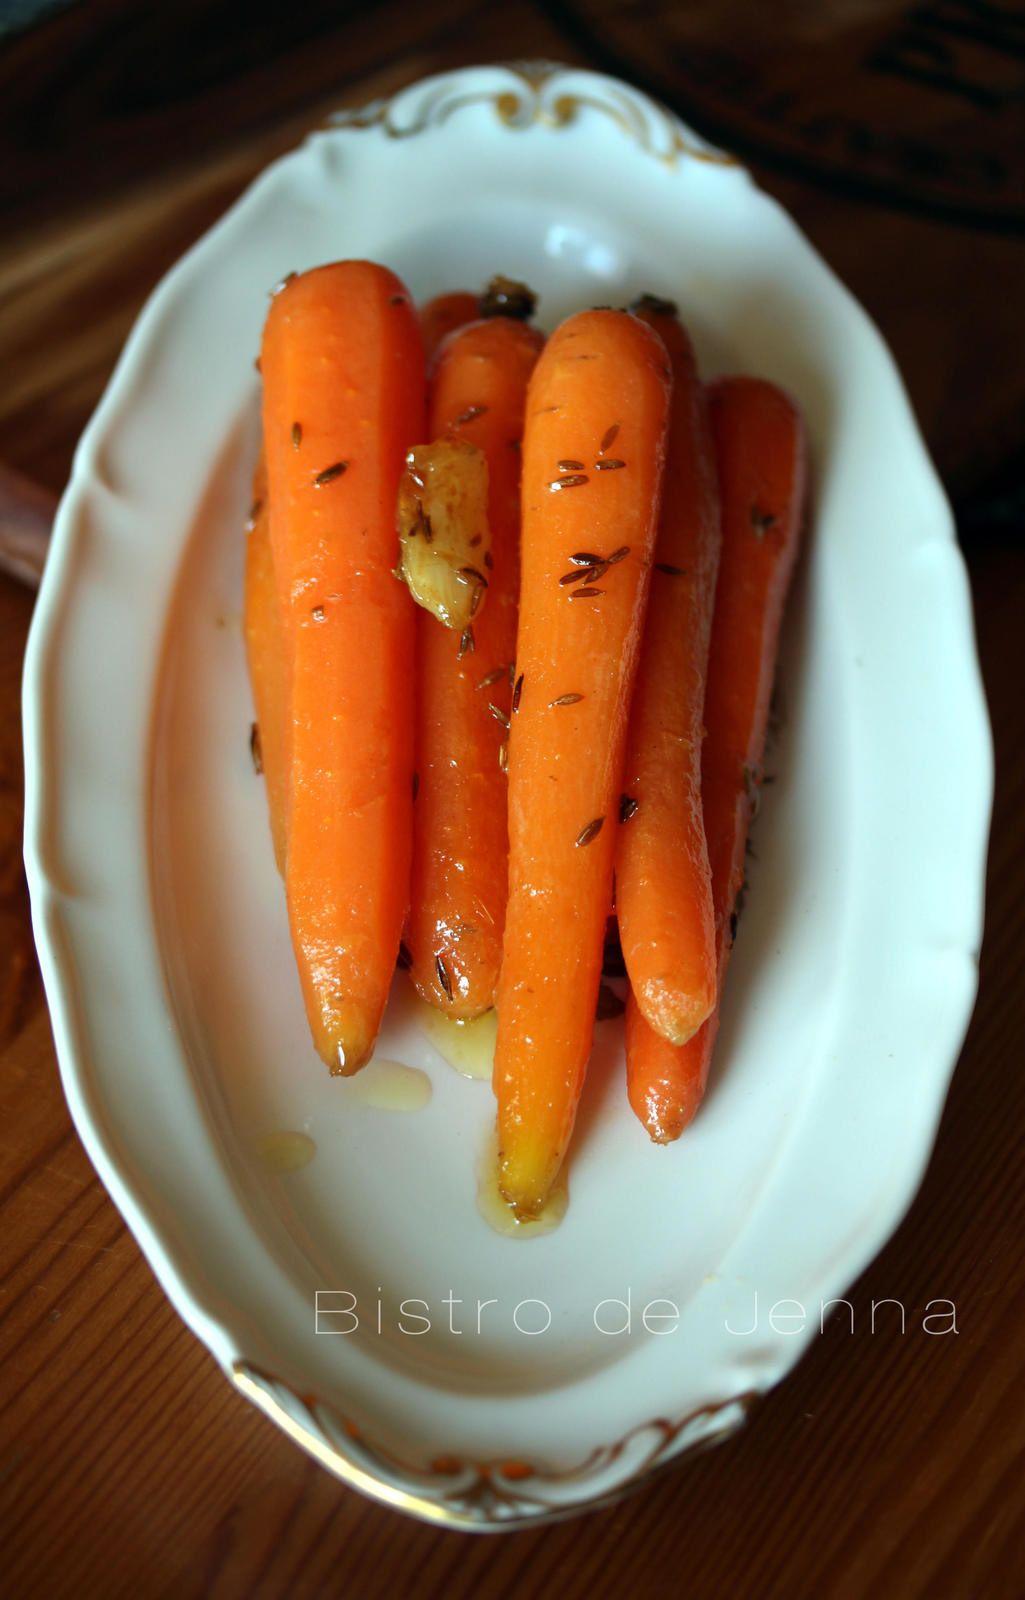 carottes glac es au miel et aux pices food and vegans. Black Bedroom Furniture Sets. Home Design Ideas